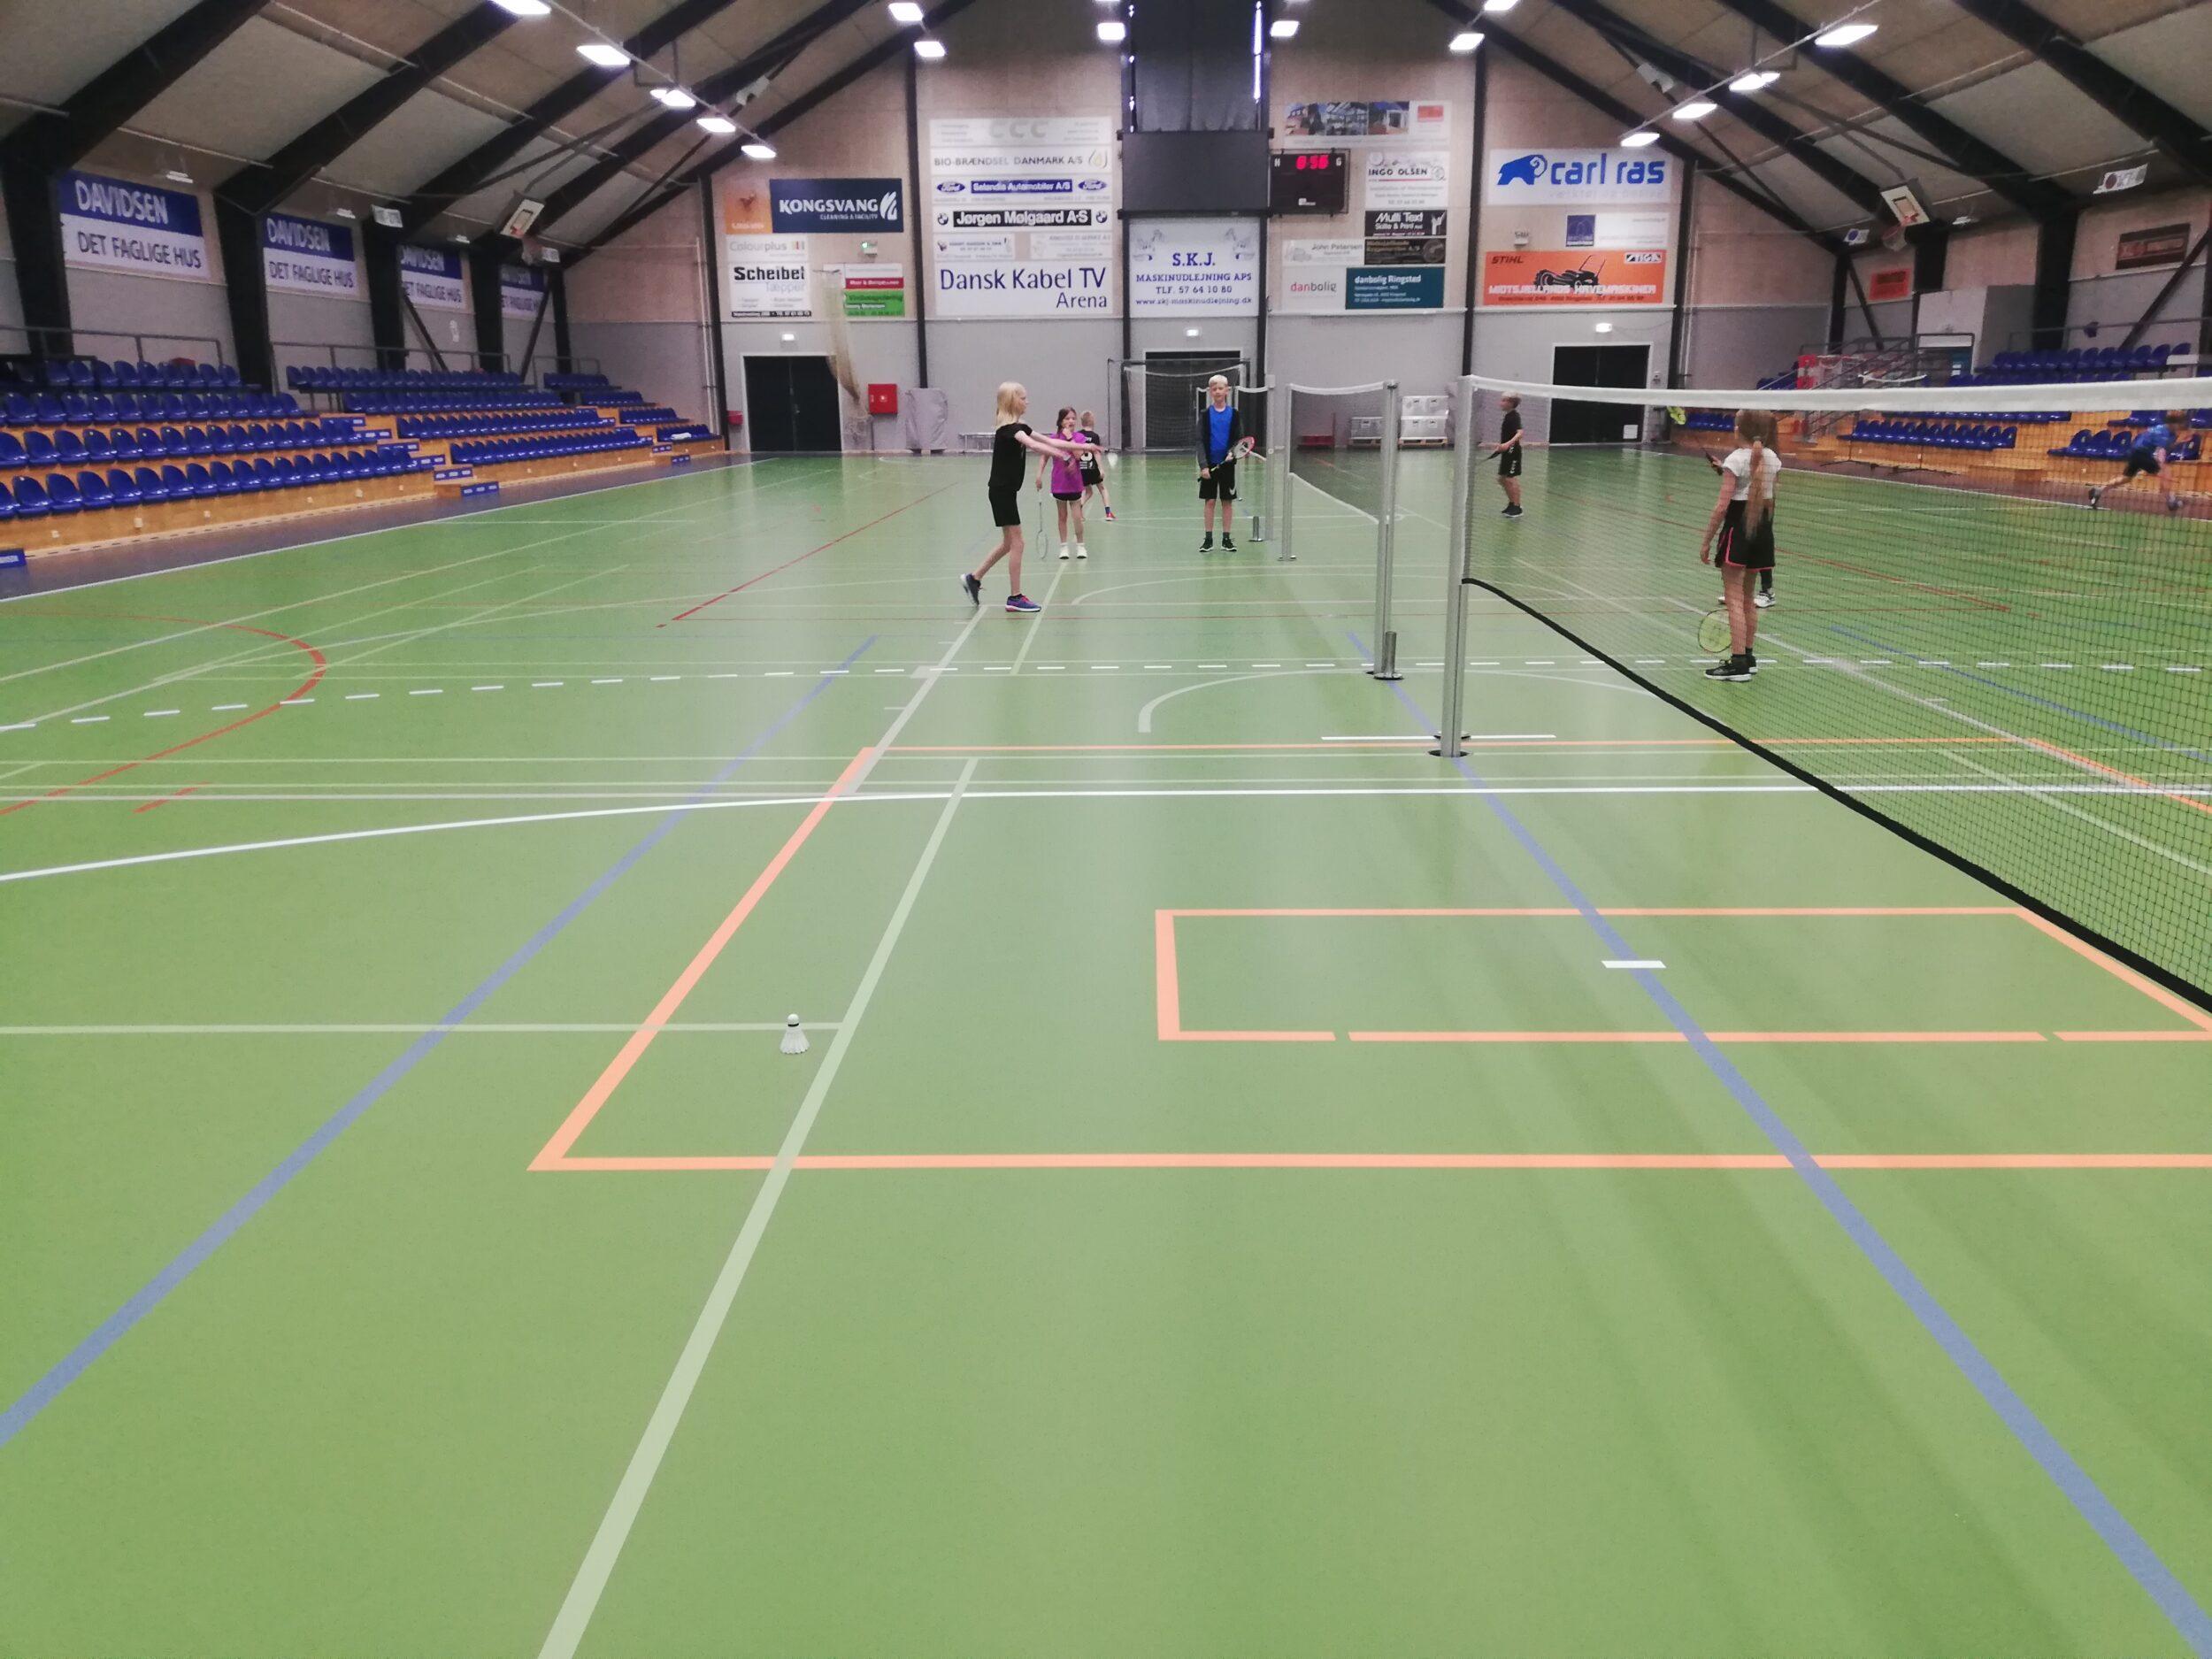 Sjov badminton